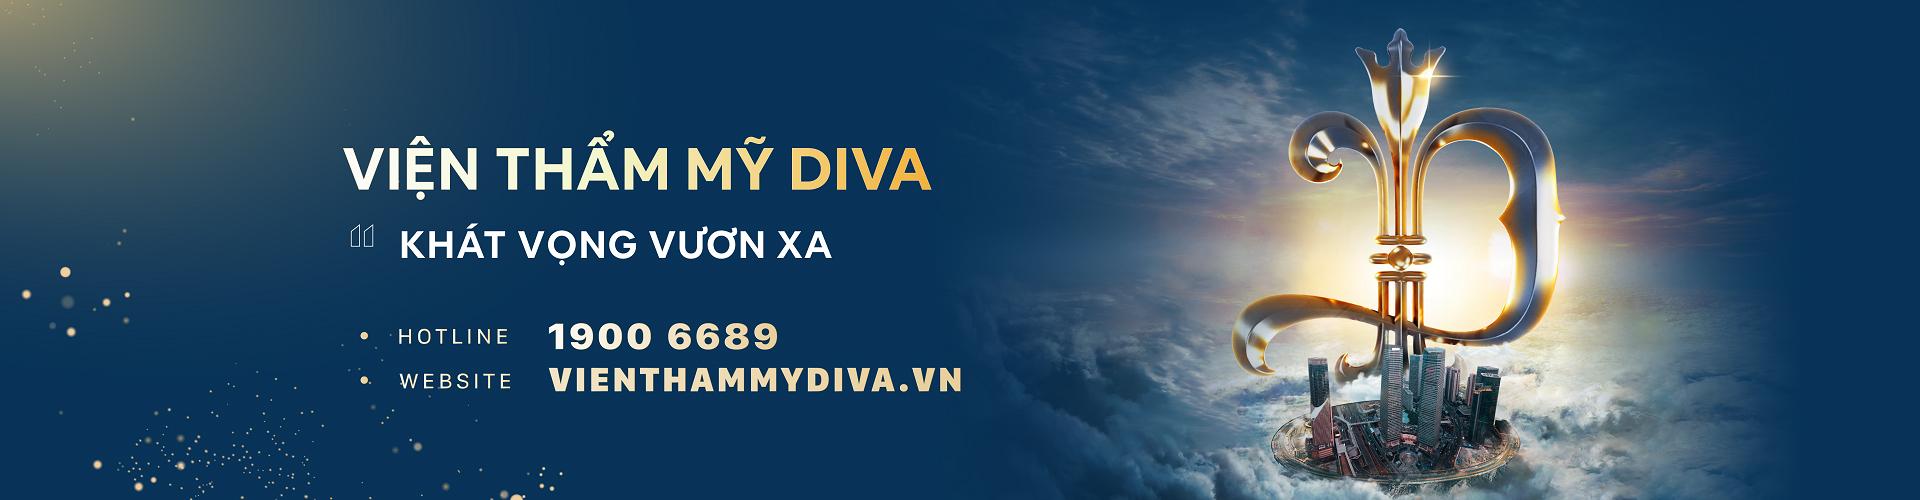 Viện thẩm mỹ Diva